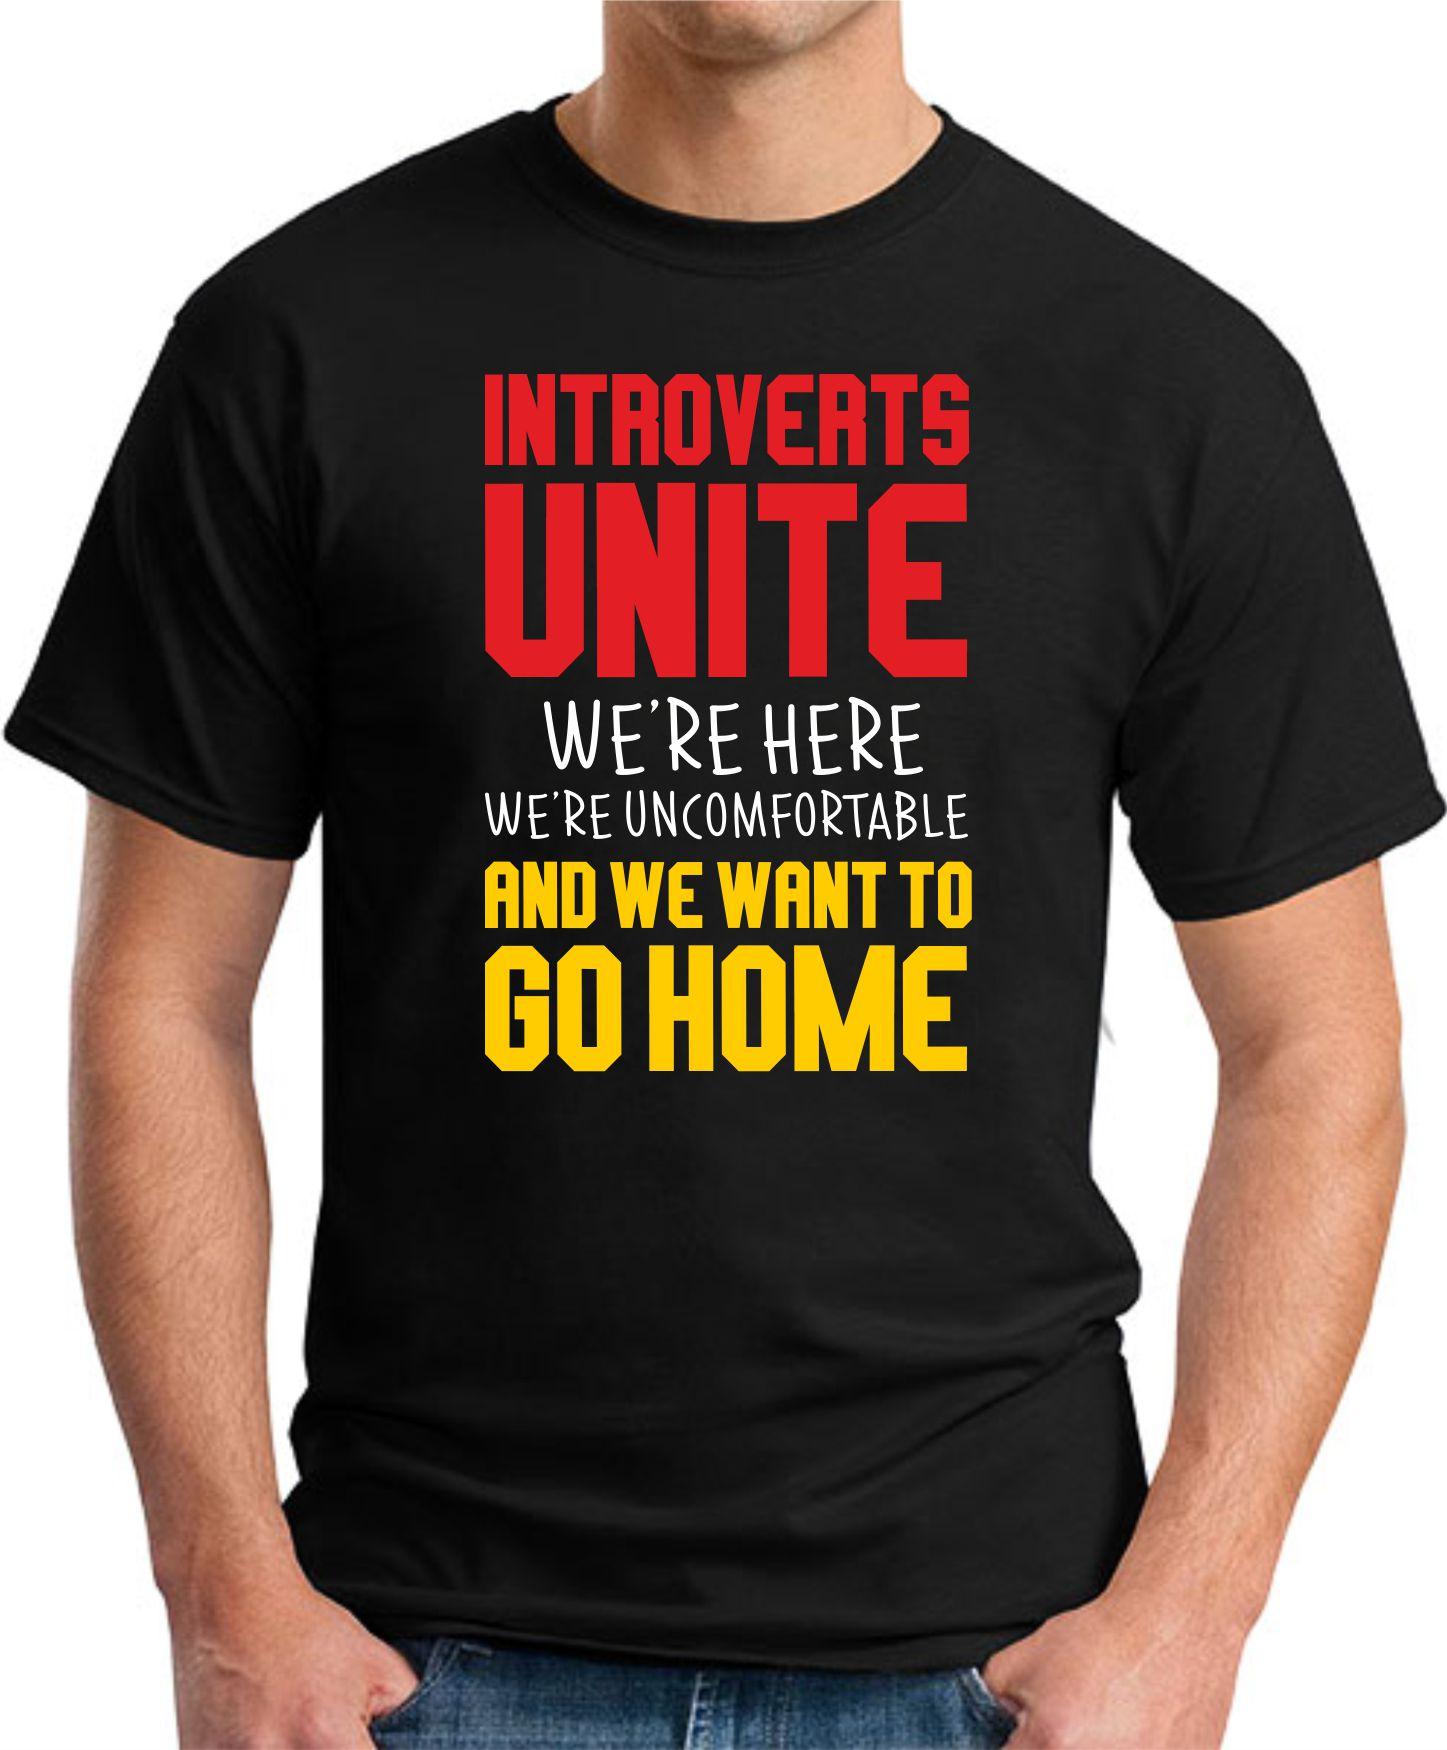 INTROVERTS UNITE black